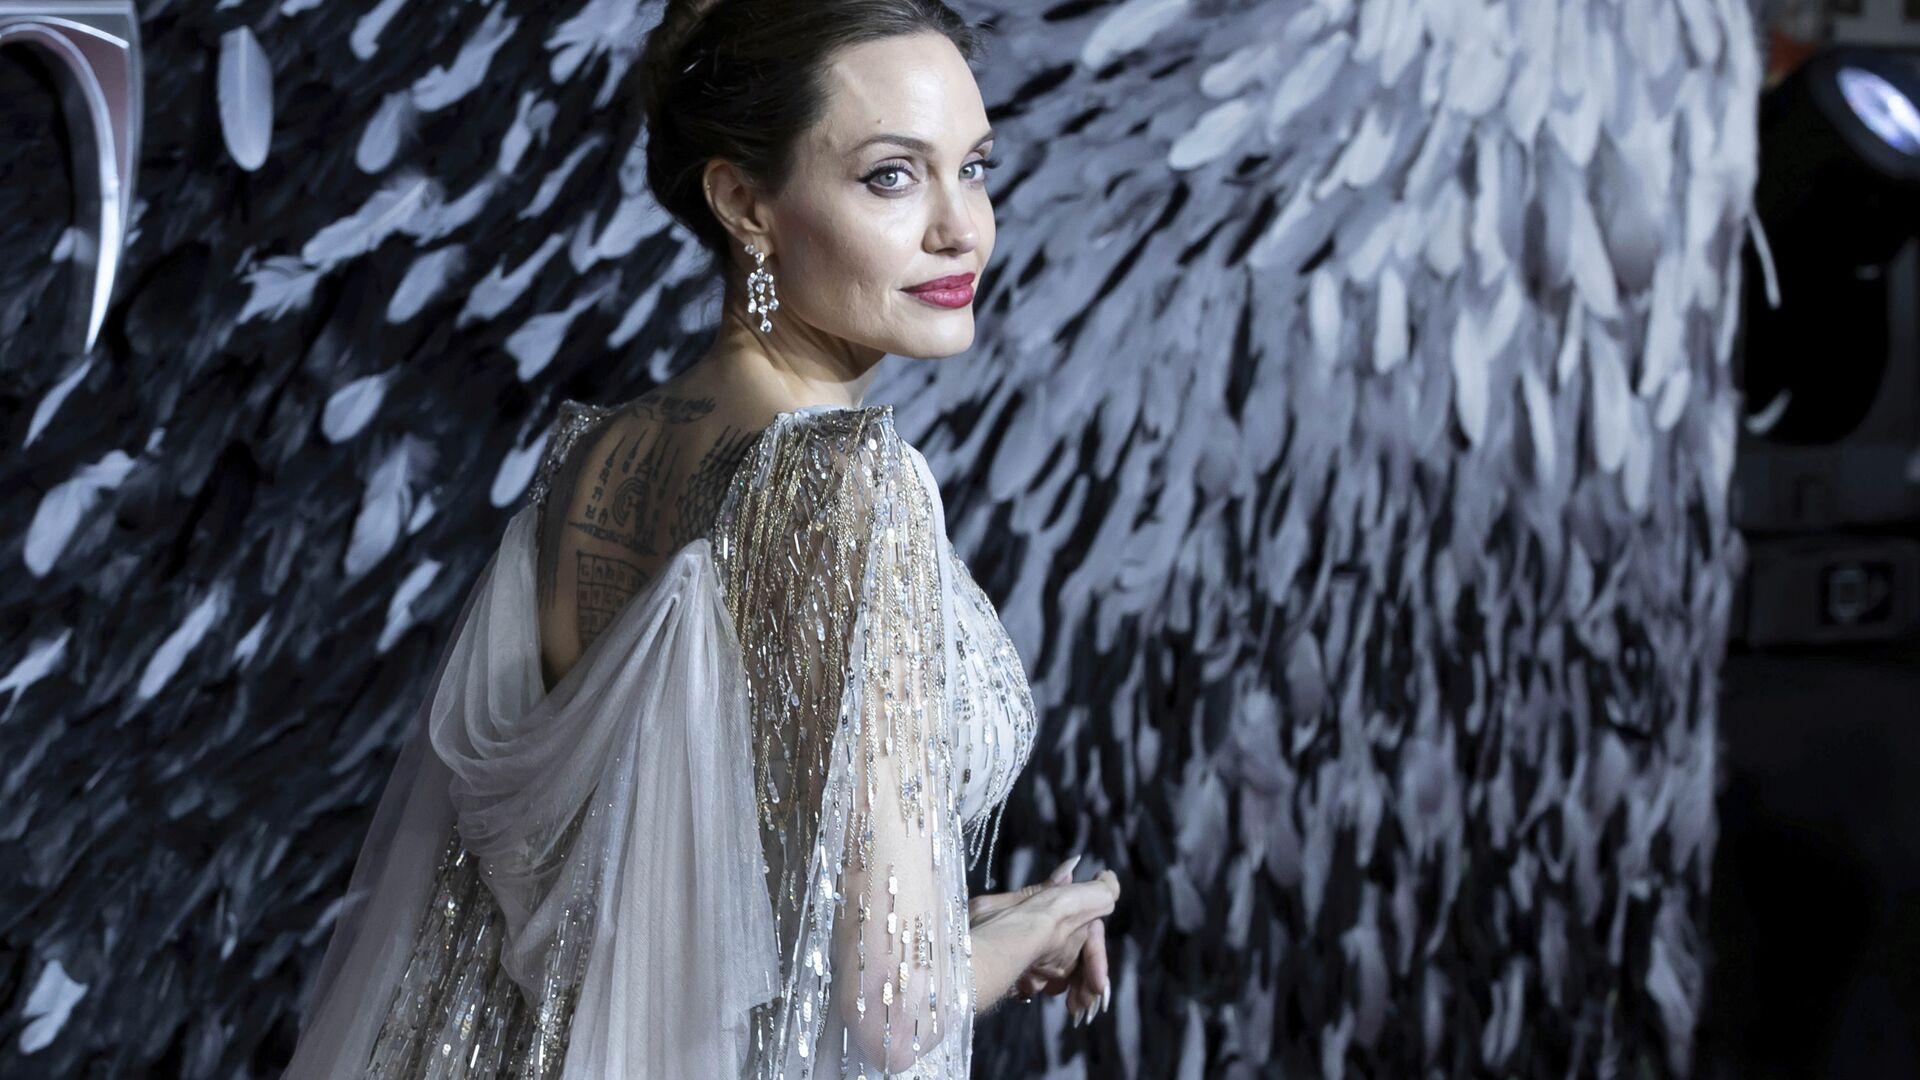 Aktorka Angelina Jolie - Sputnik Polska, 1920, 21.08.2021